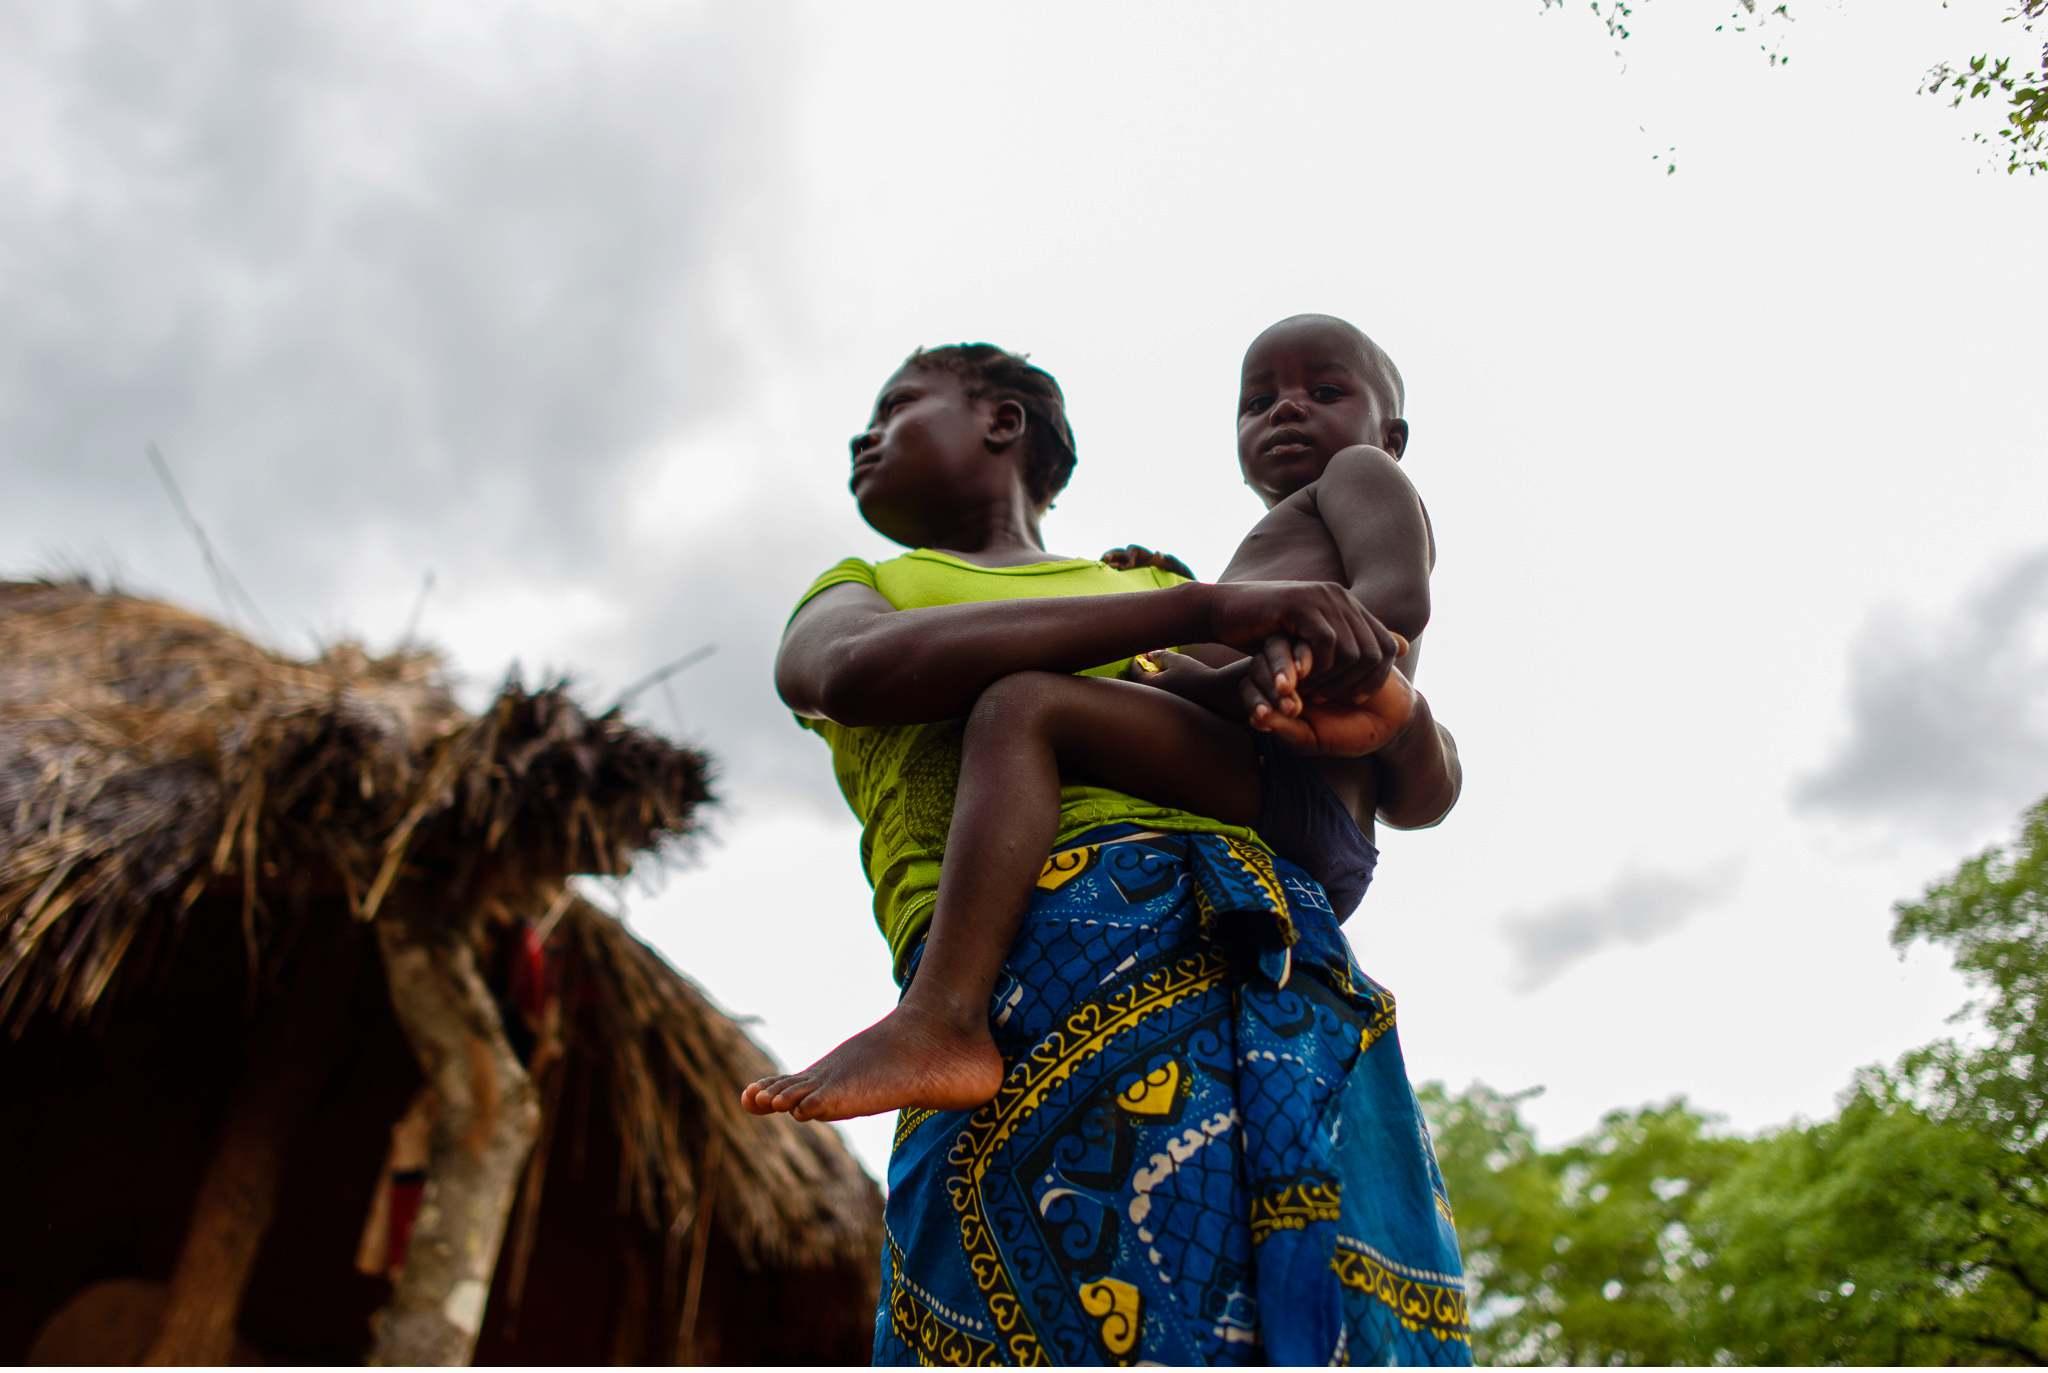 Vom South Luangwa in Zambia an den Malawi See - Marion und Daniel - Geschichten von unterwegs-17